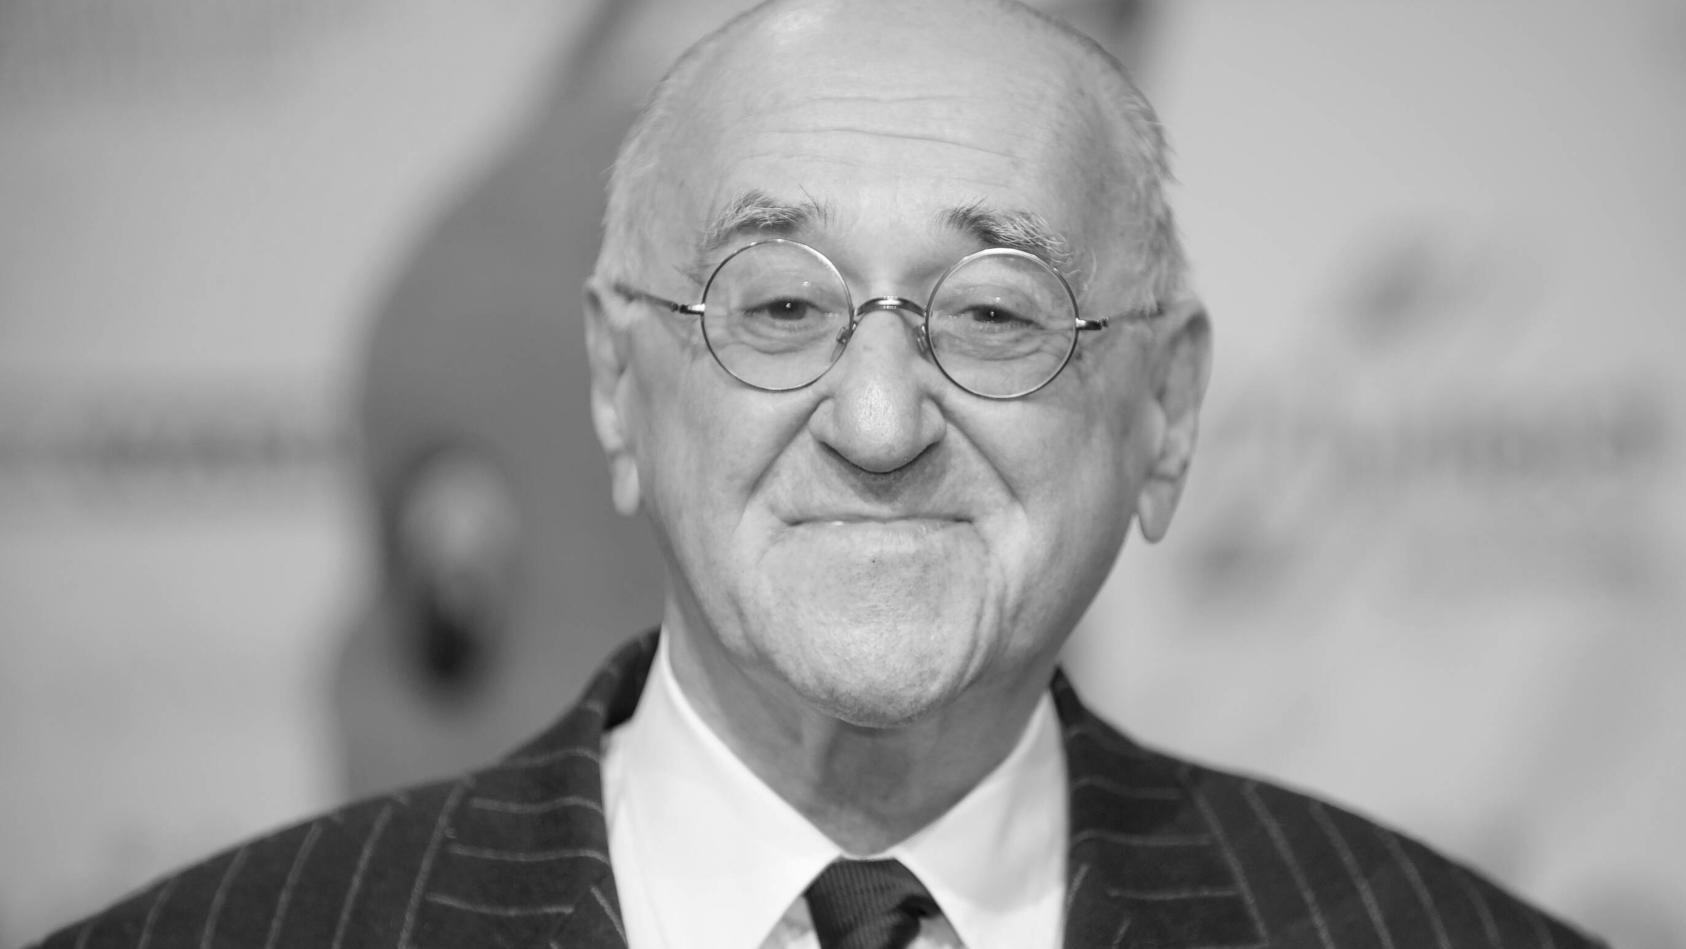 TV-Legende Alfred Biolek ist gestorben. Nun wird sein letzter Wunsch erfüllt.